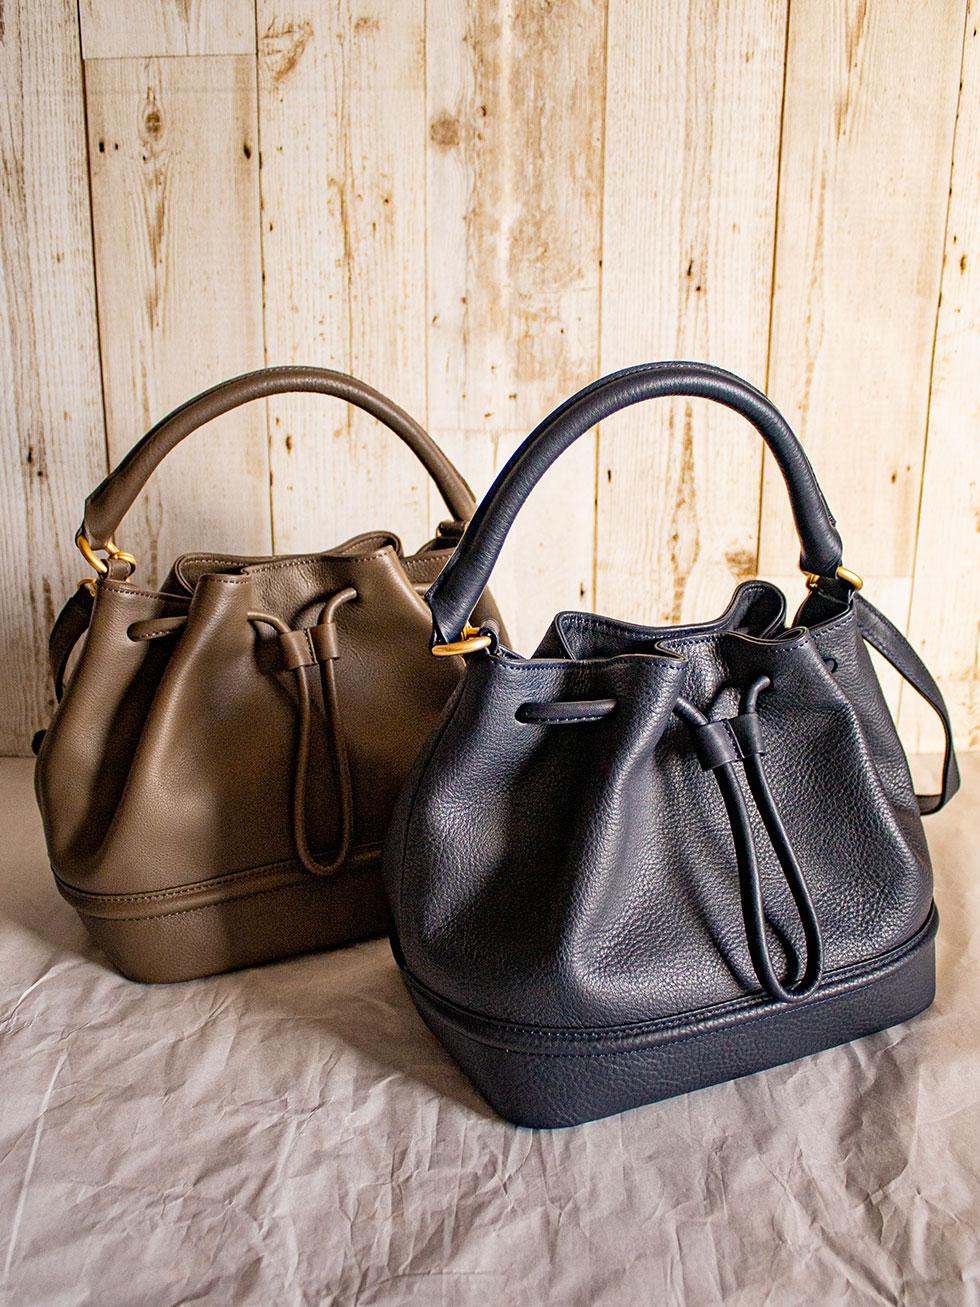 おとな可愛いデザインの心地よく持ちやすく腕にもかけやすい2WAY巾着の本革バッグ